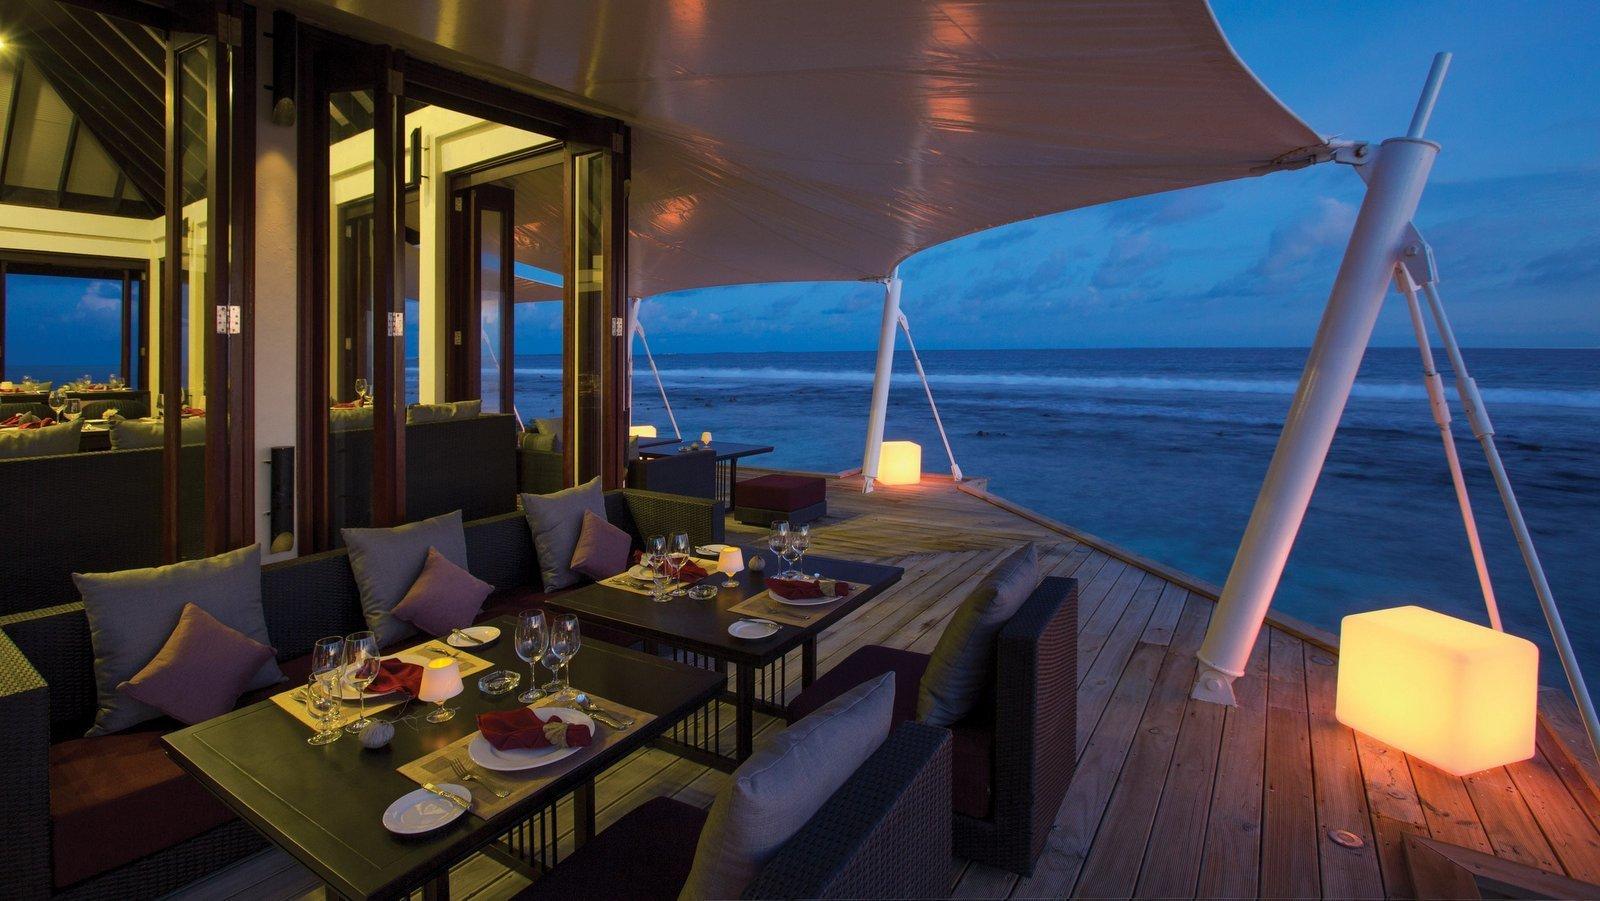 Мальдивы, отель Atmosphere Kanifushi Maldives, ресторан Just Veg